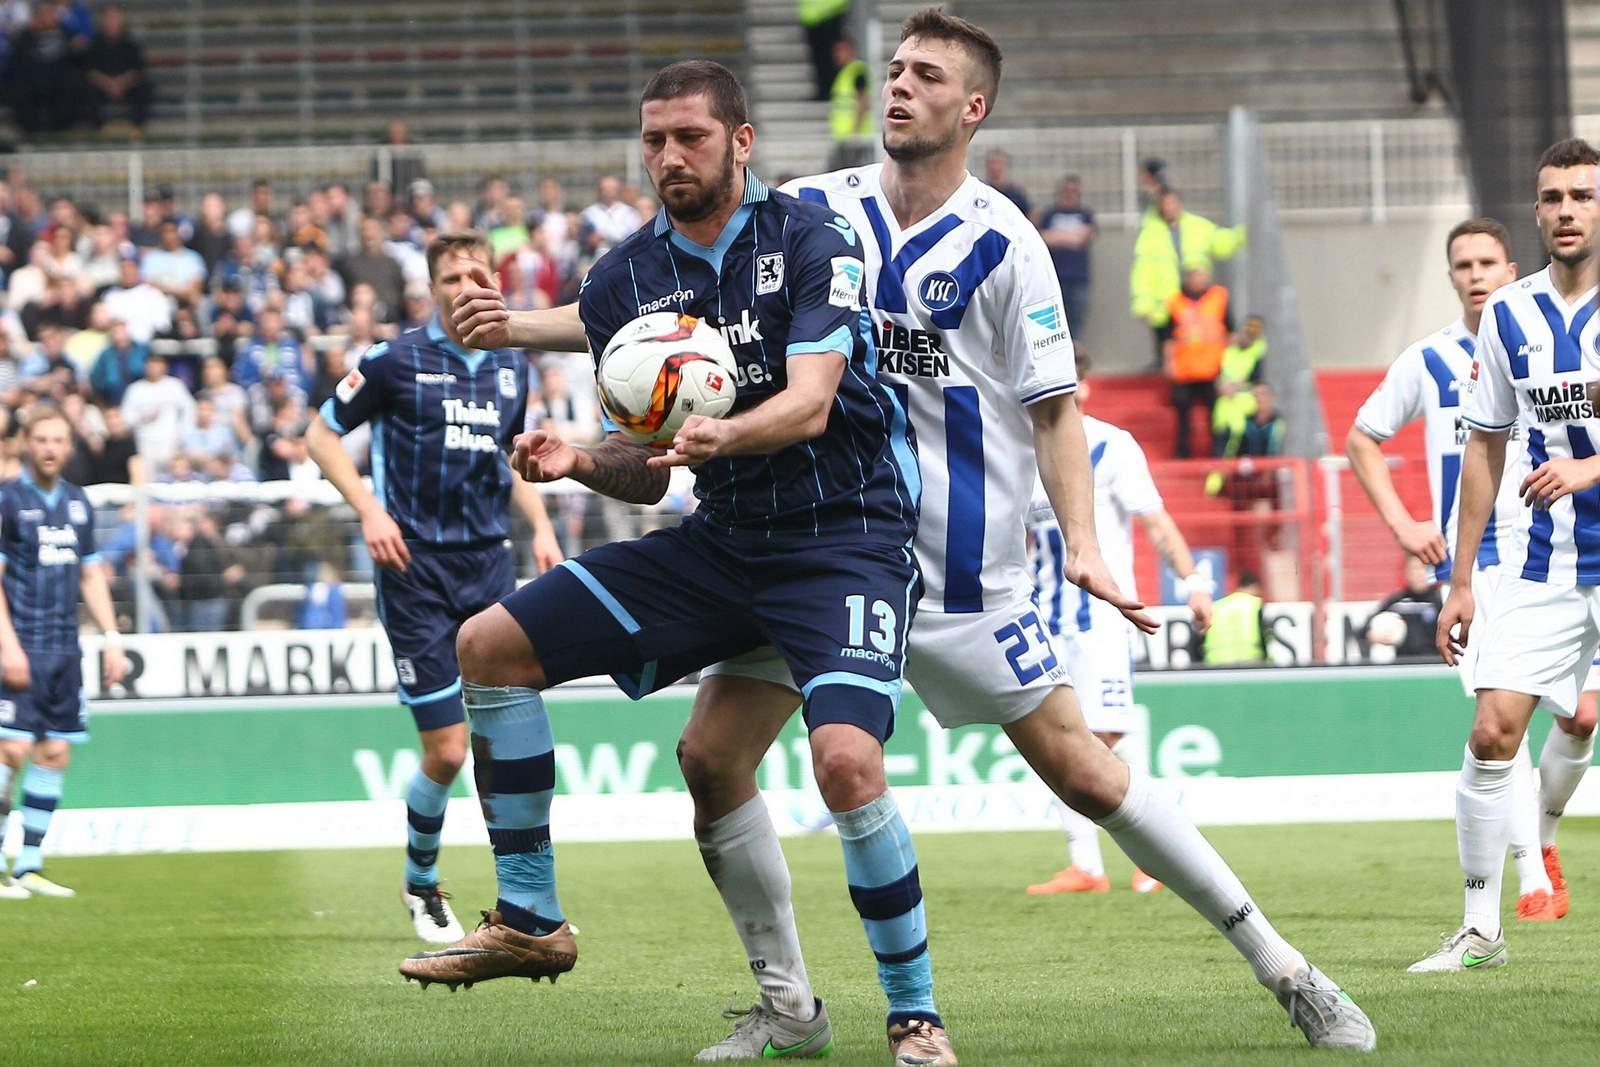 Kann sich Sascha Mölders durchsetzen? Jetzt auf Karlsruhe gegen 1860 München wetten.